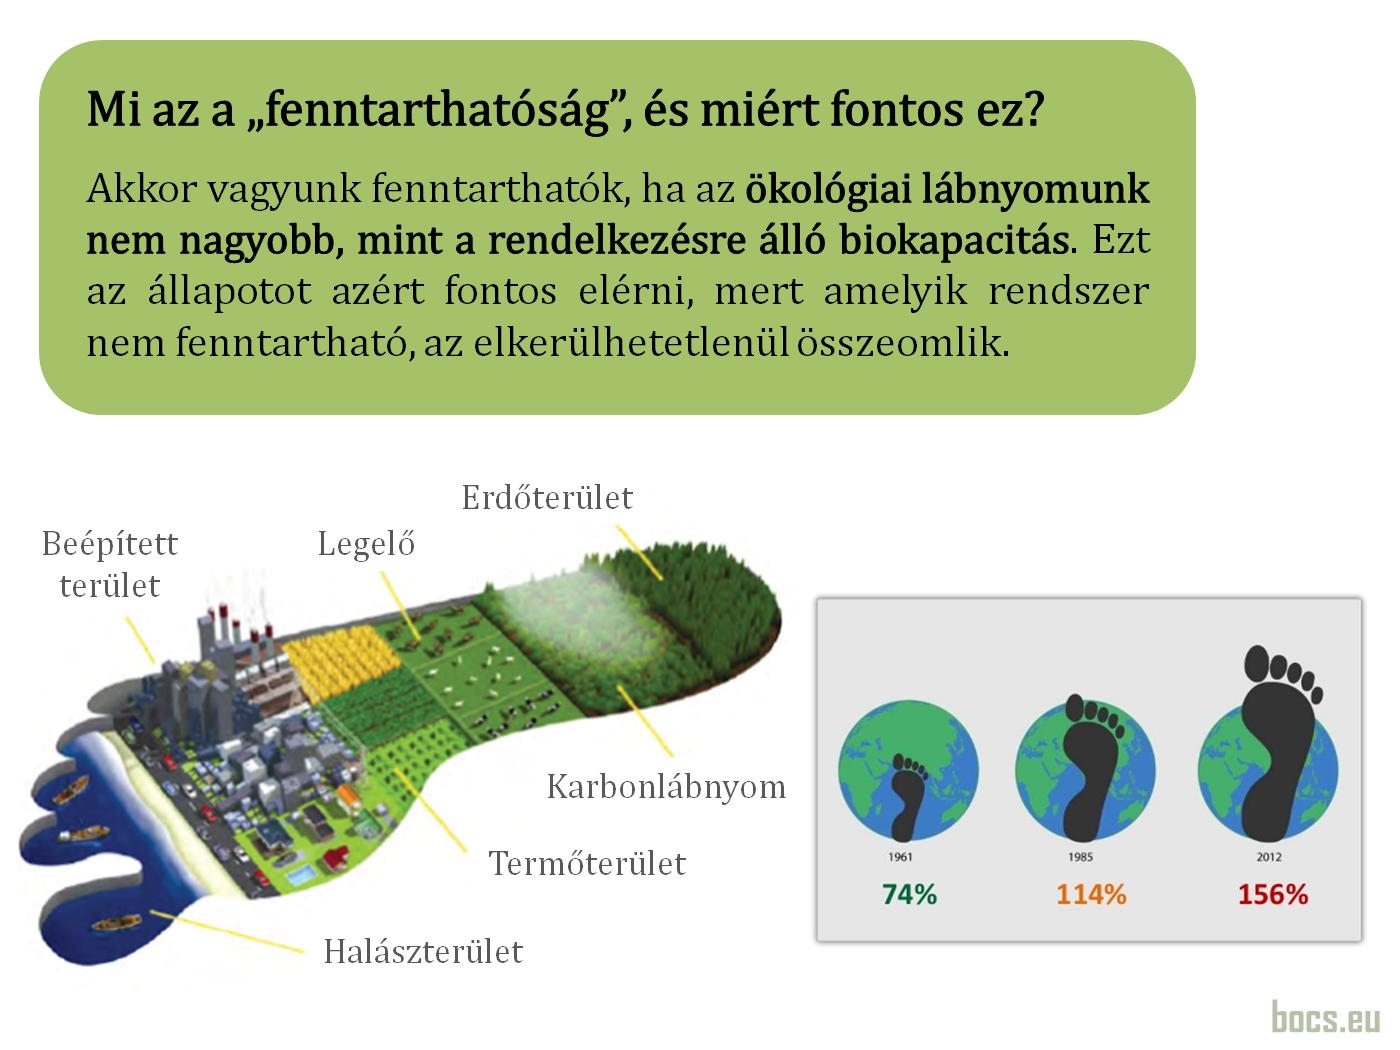 Mi az az ökológiai lábnyom?